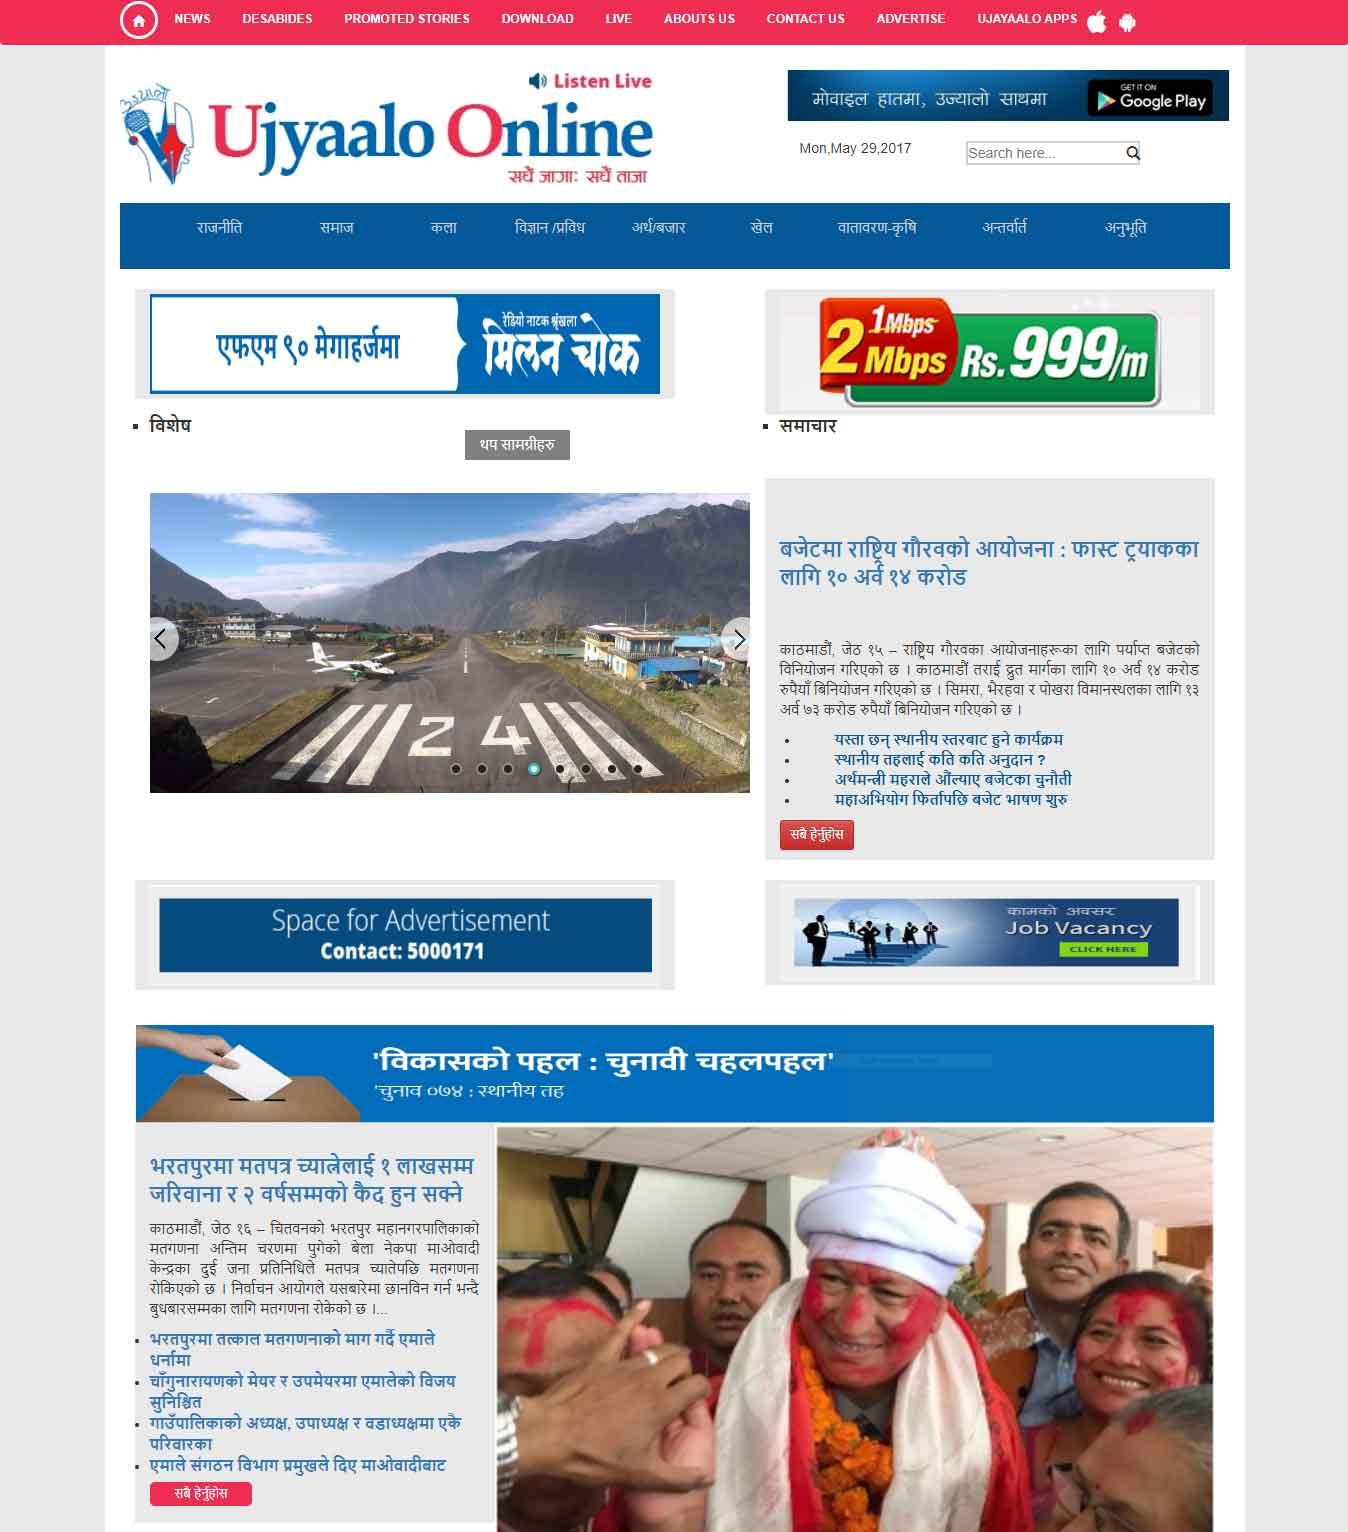 Ujyalo Online